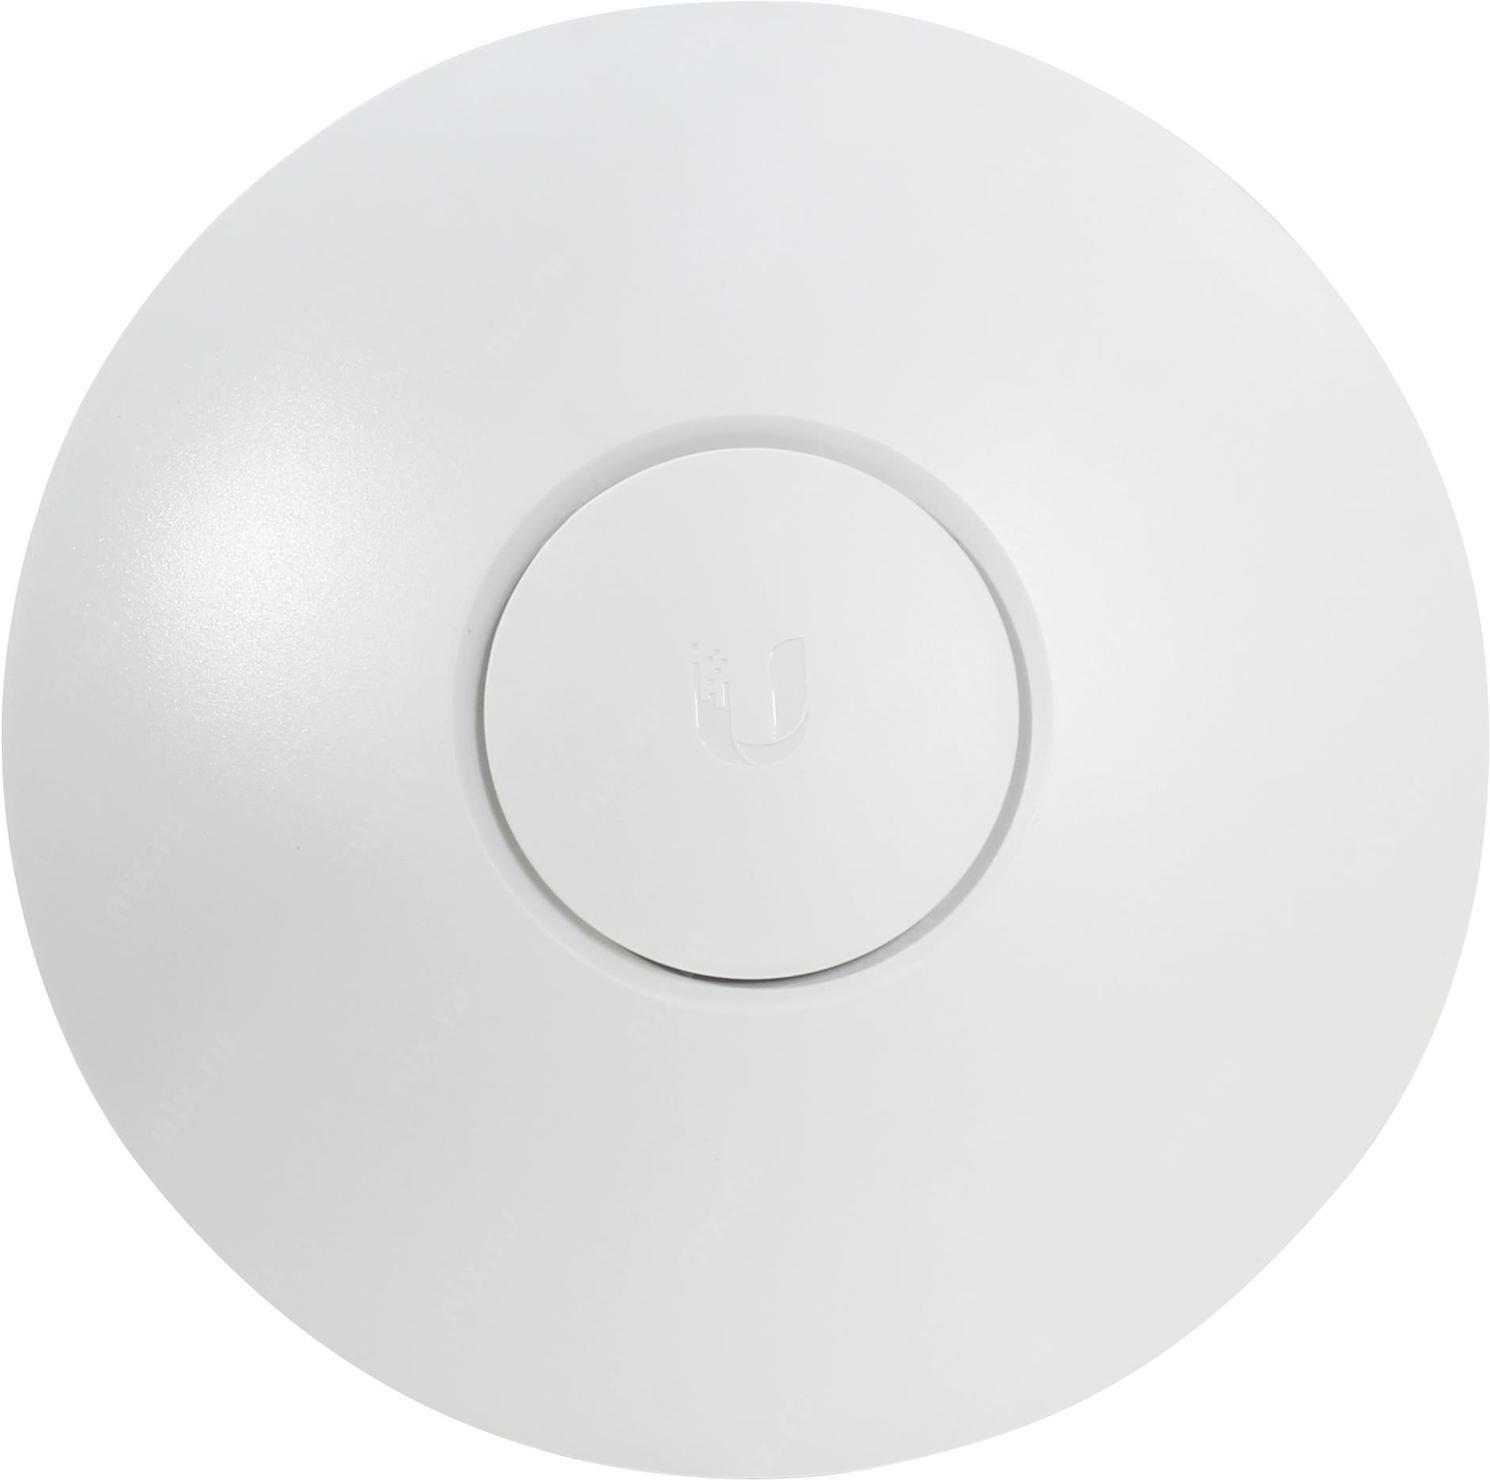 Точка доступа Ubiquiti, UAP-LR-3(EU), белый, 3 шт